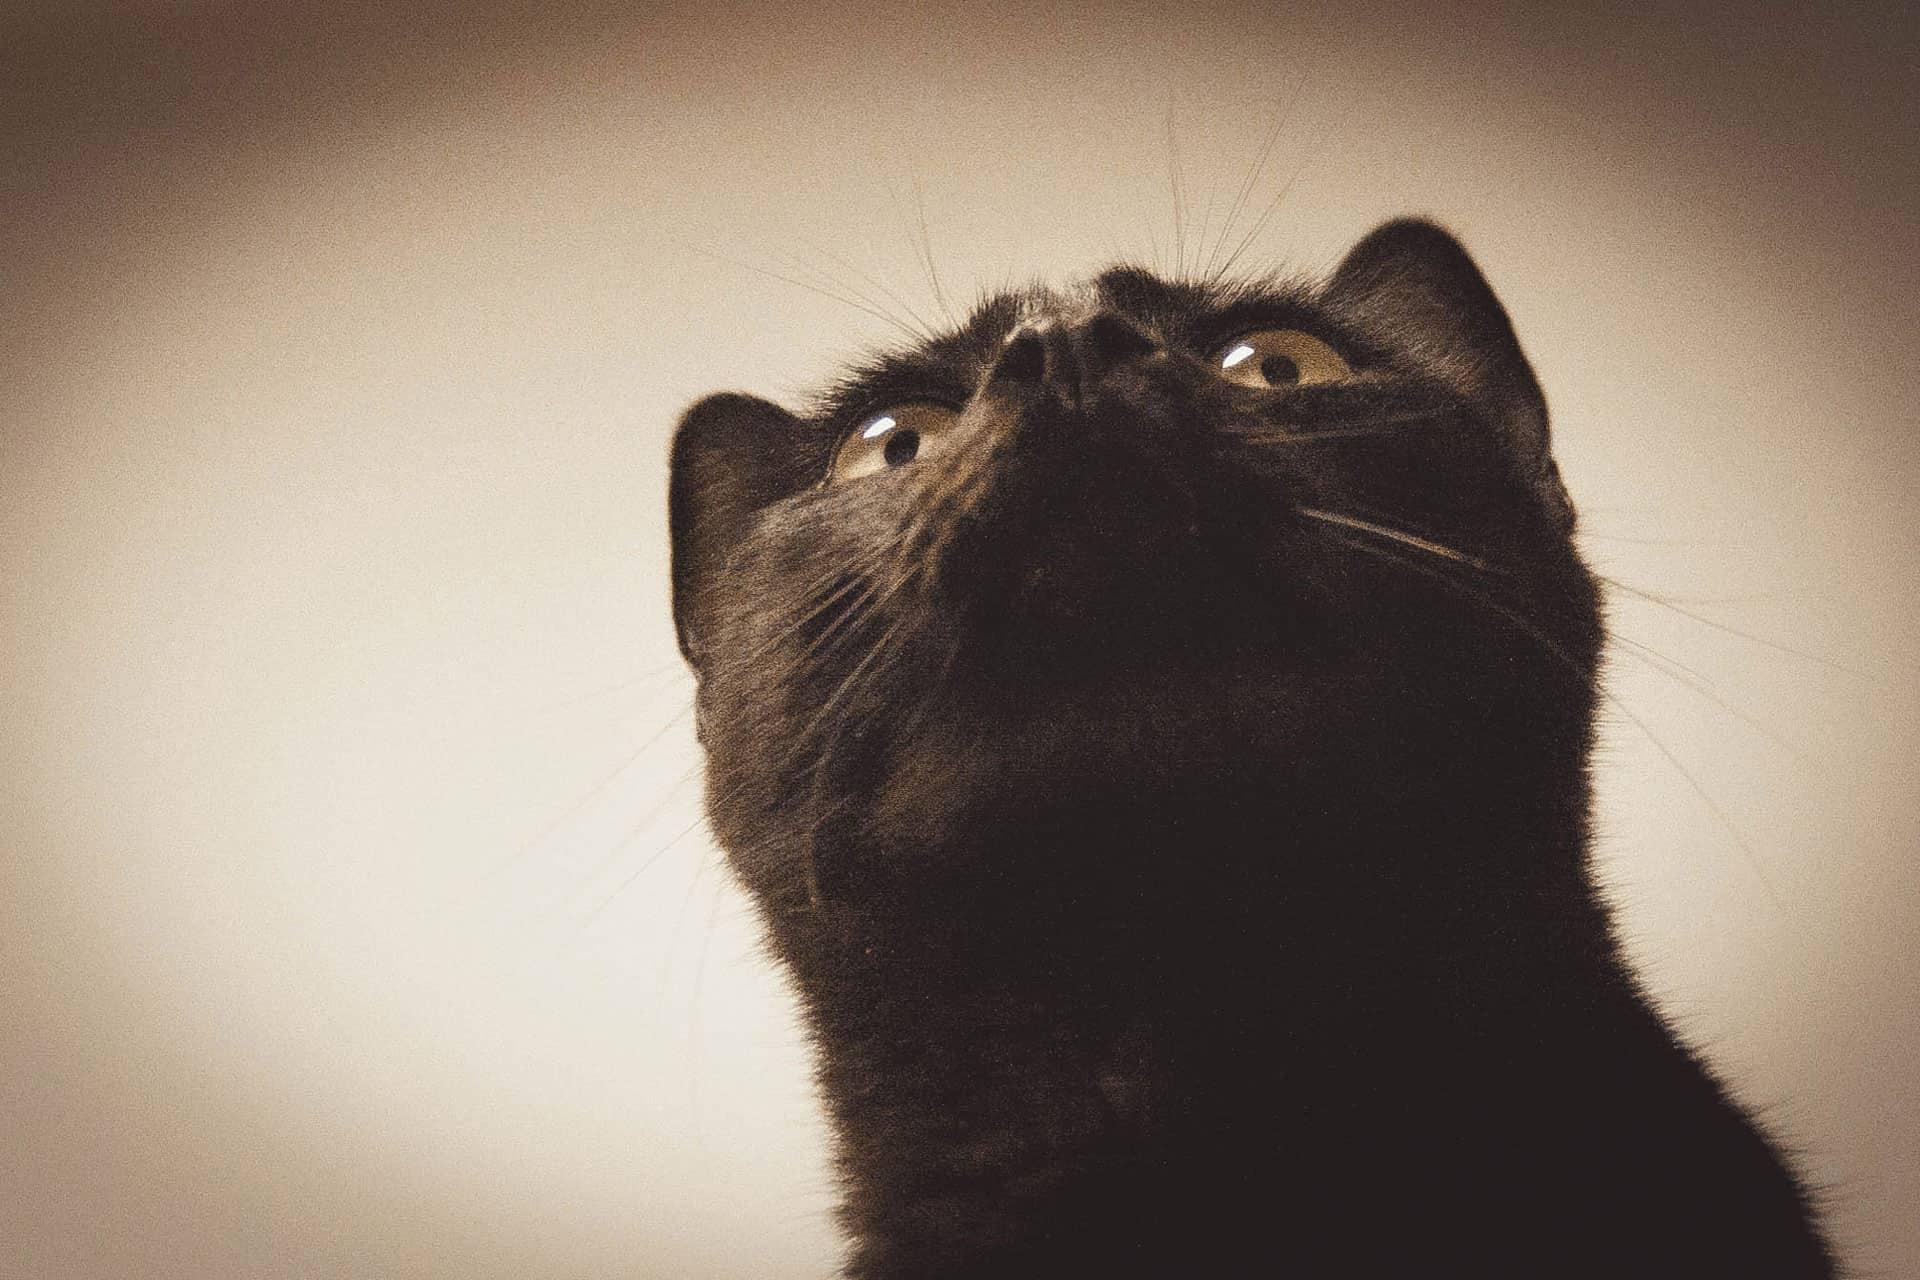 Sheltercats – Arca del Torcal